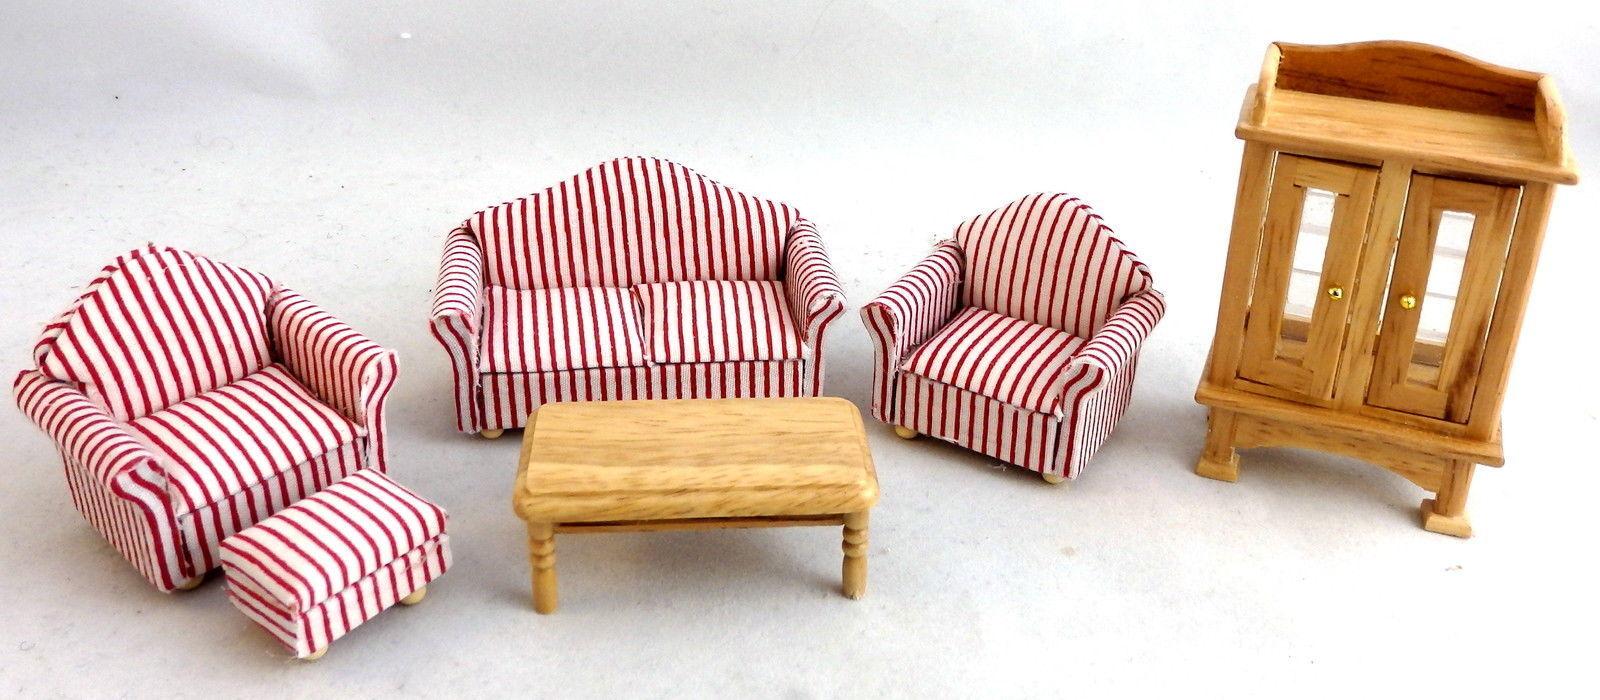 Melody Jane Puppenhaus 1:24 Miniatur Eiche Lounge Wohnzimmer Möbel